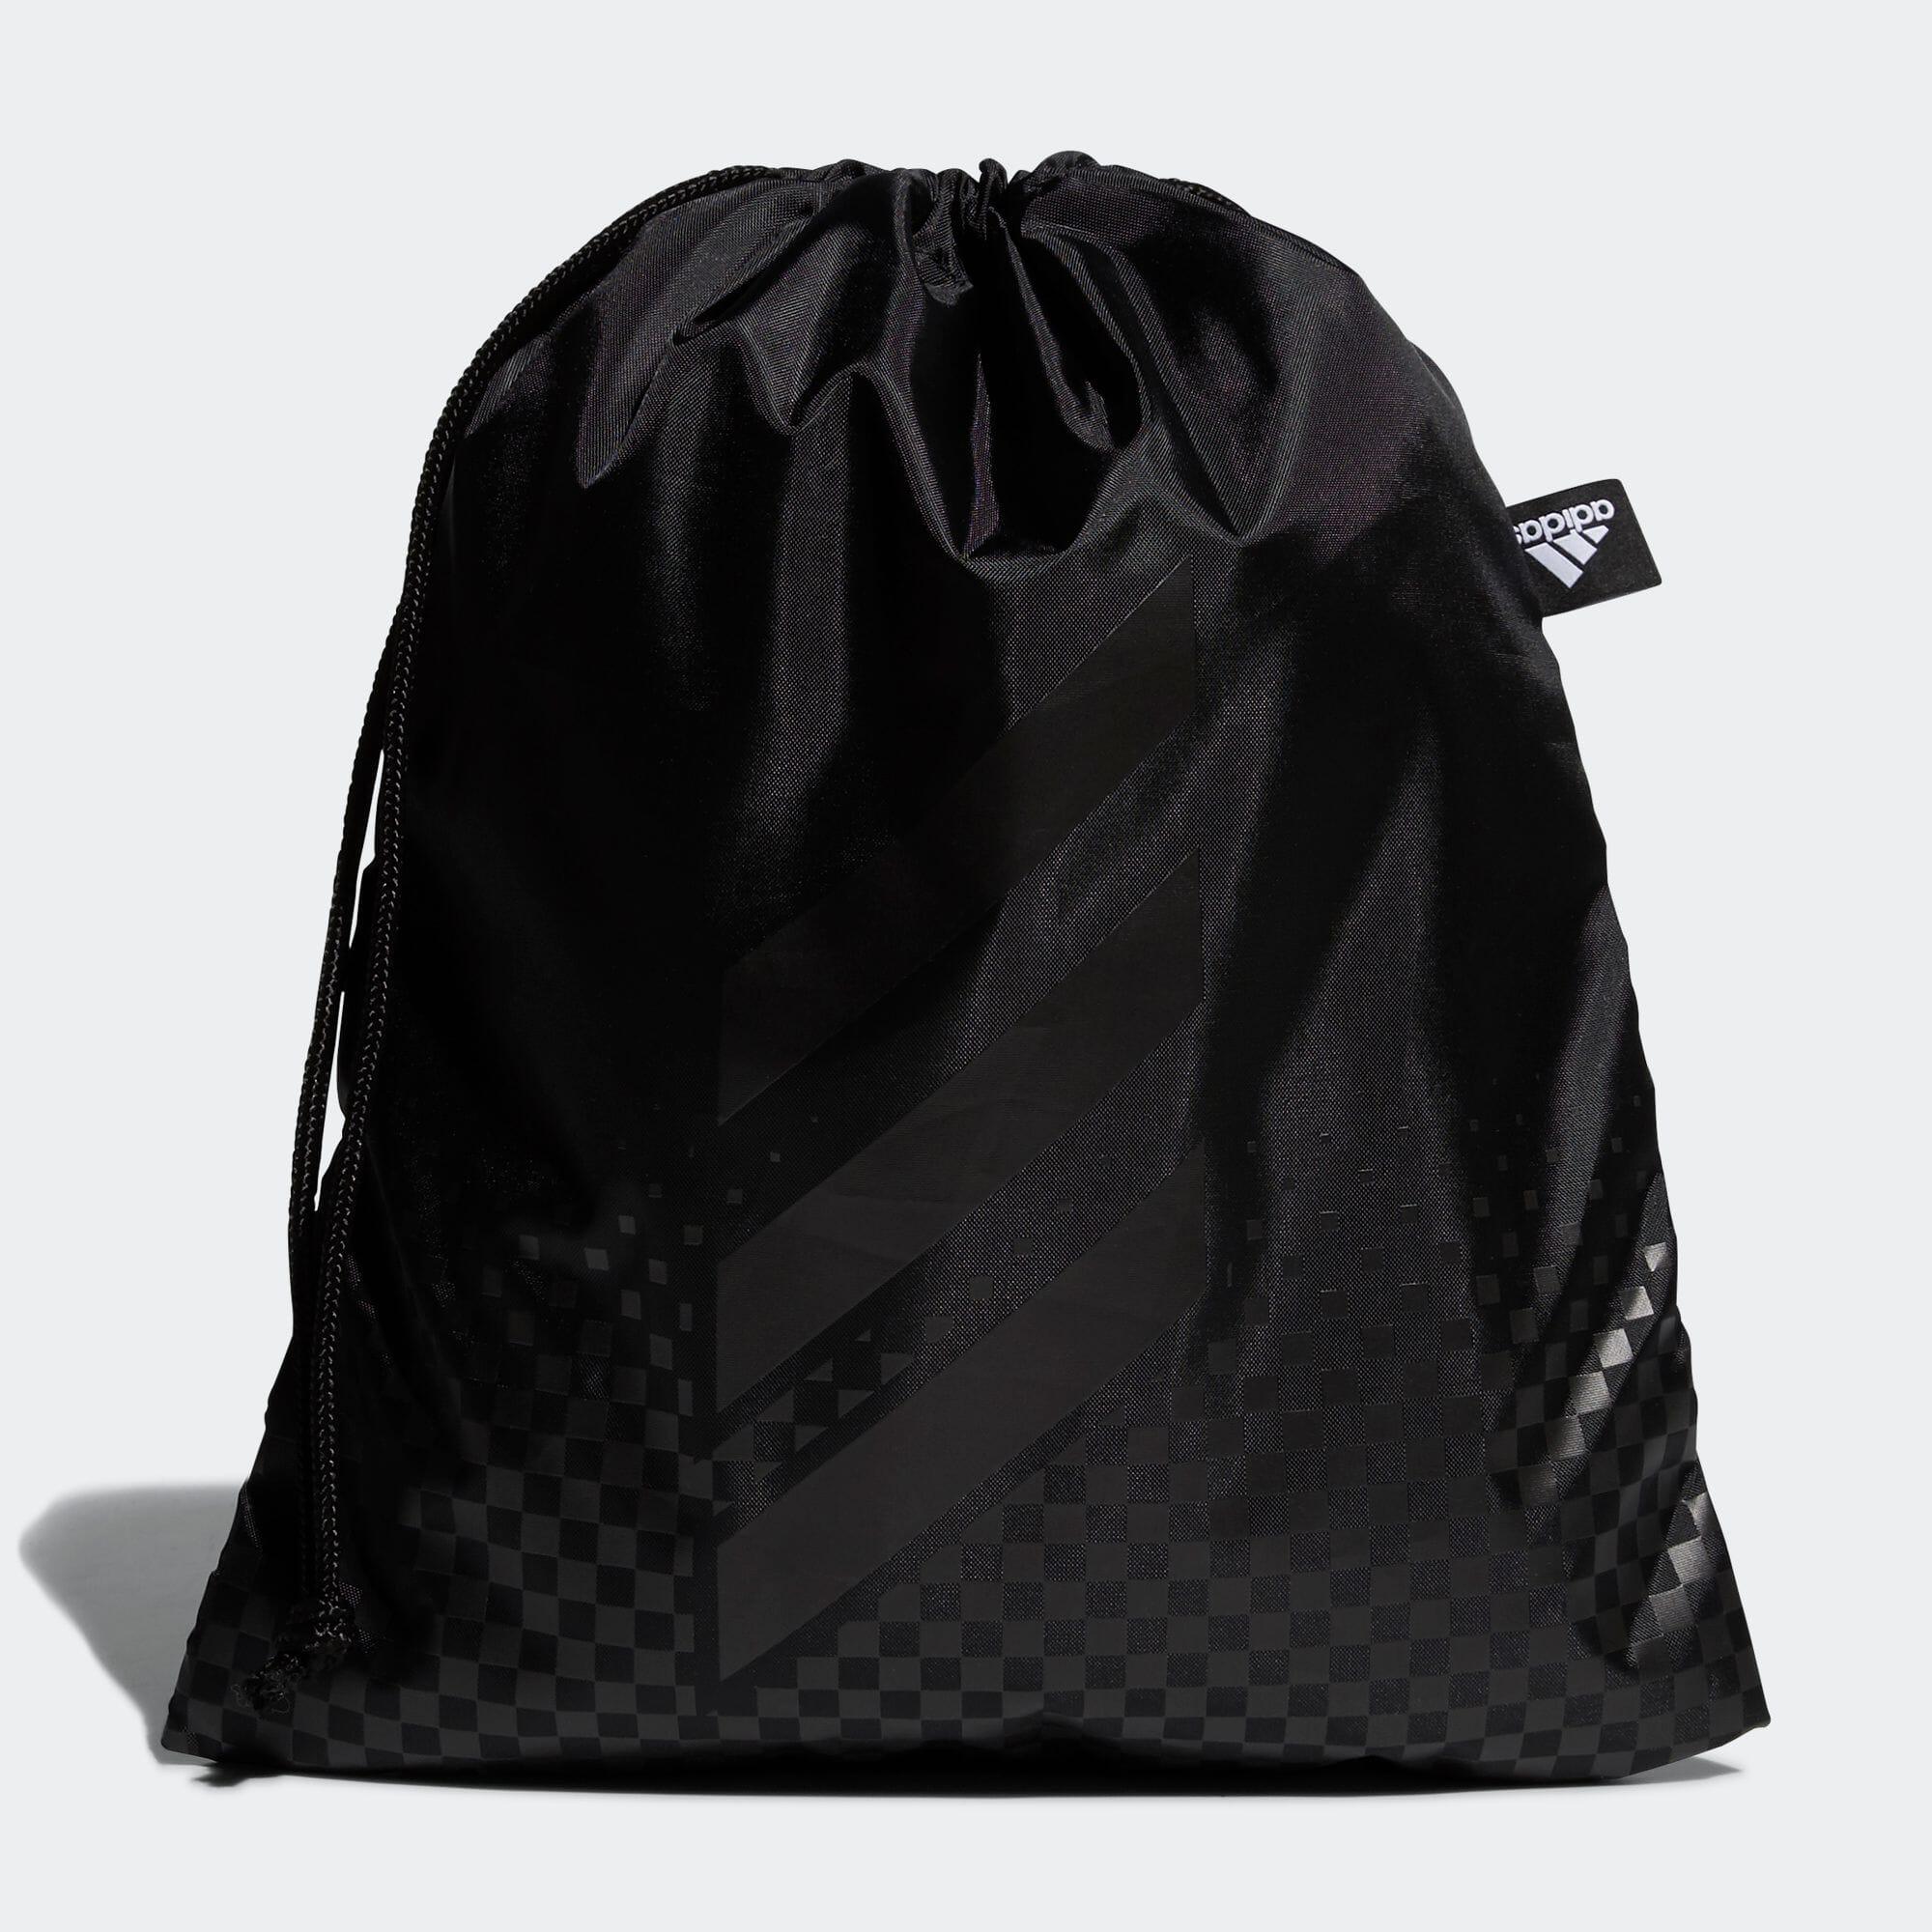 スパイクパック / Cleats Pack